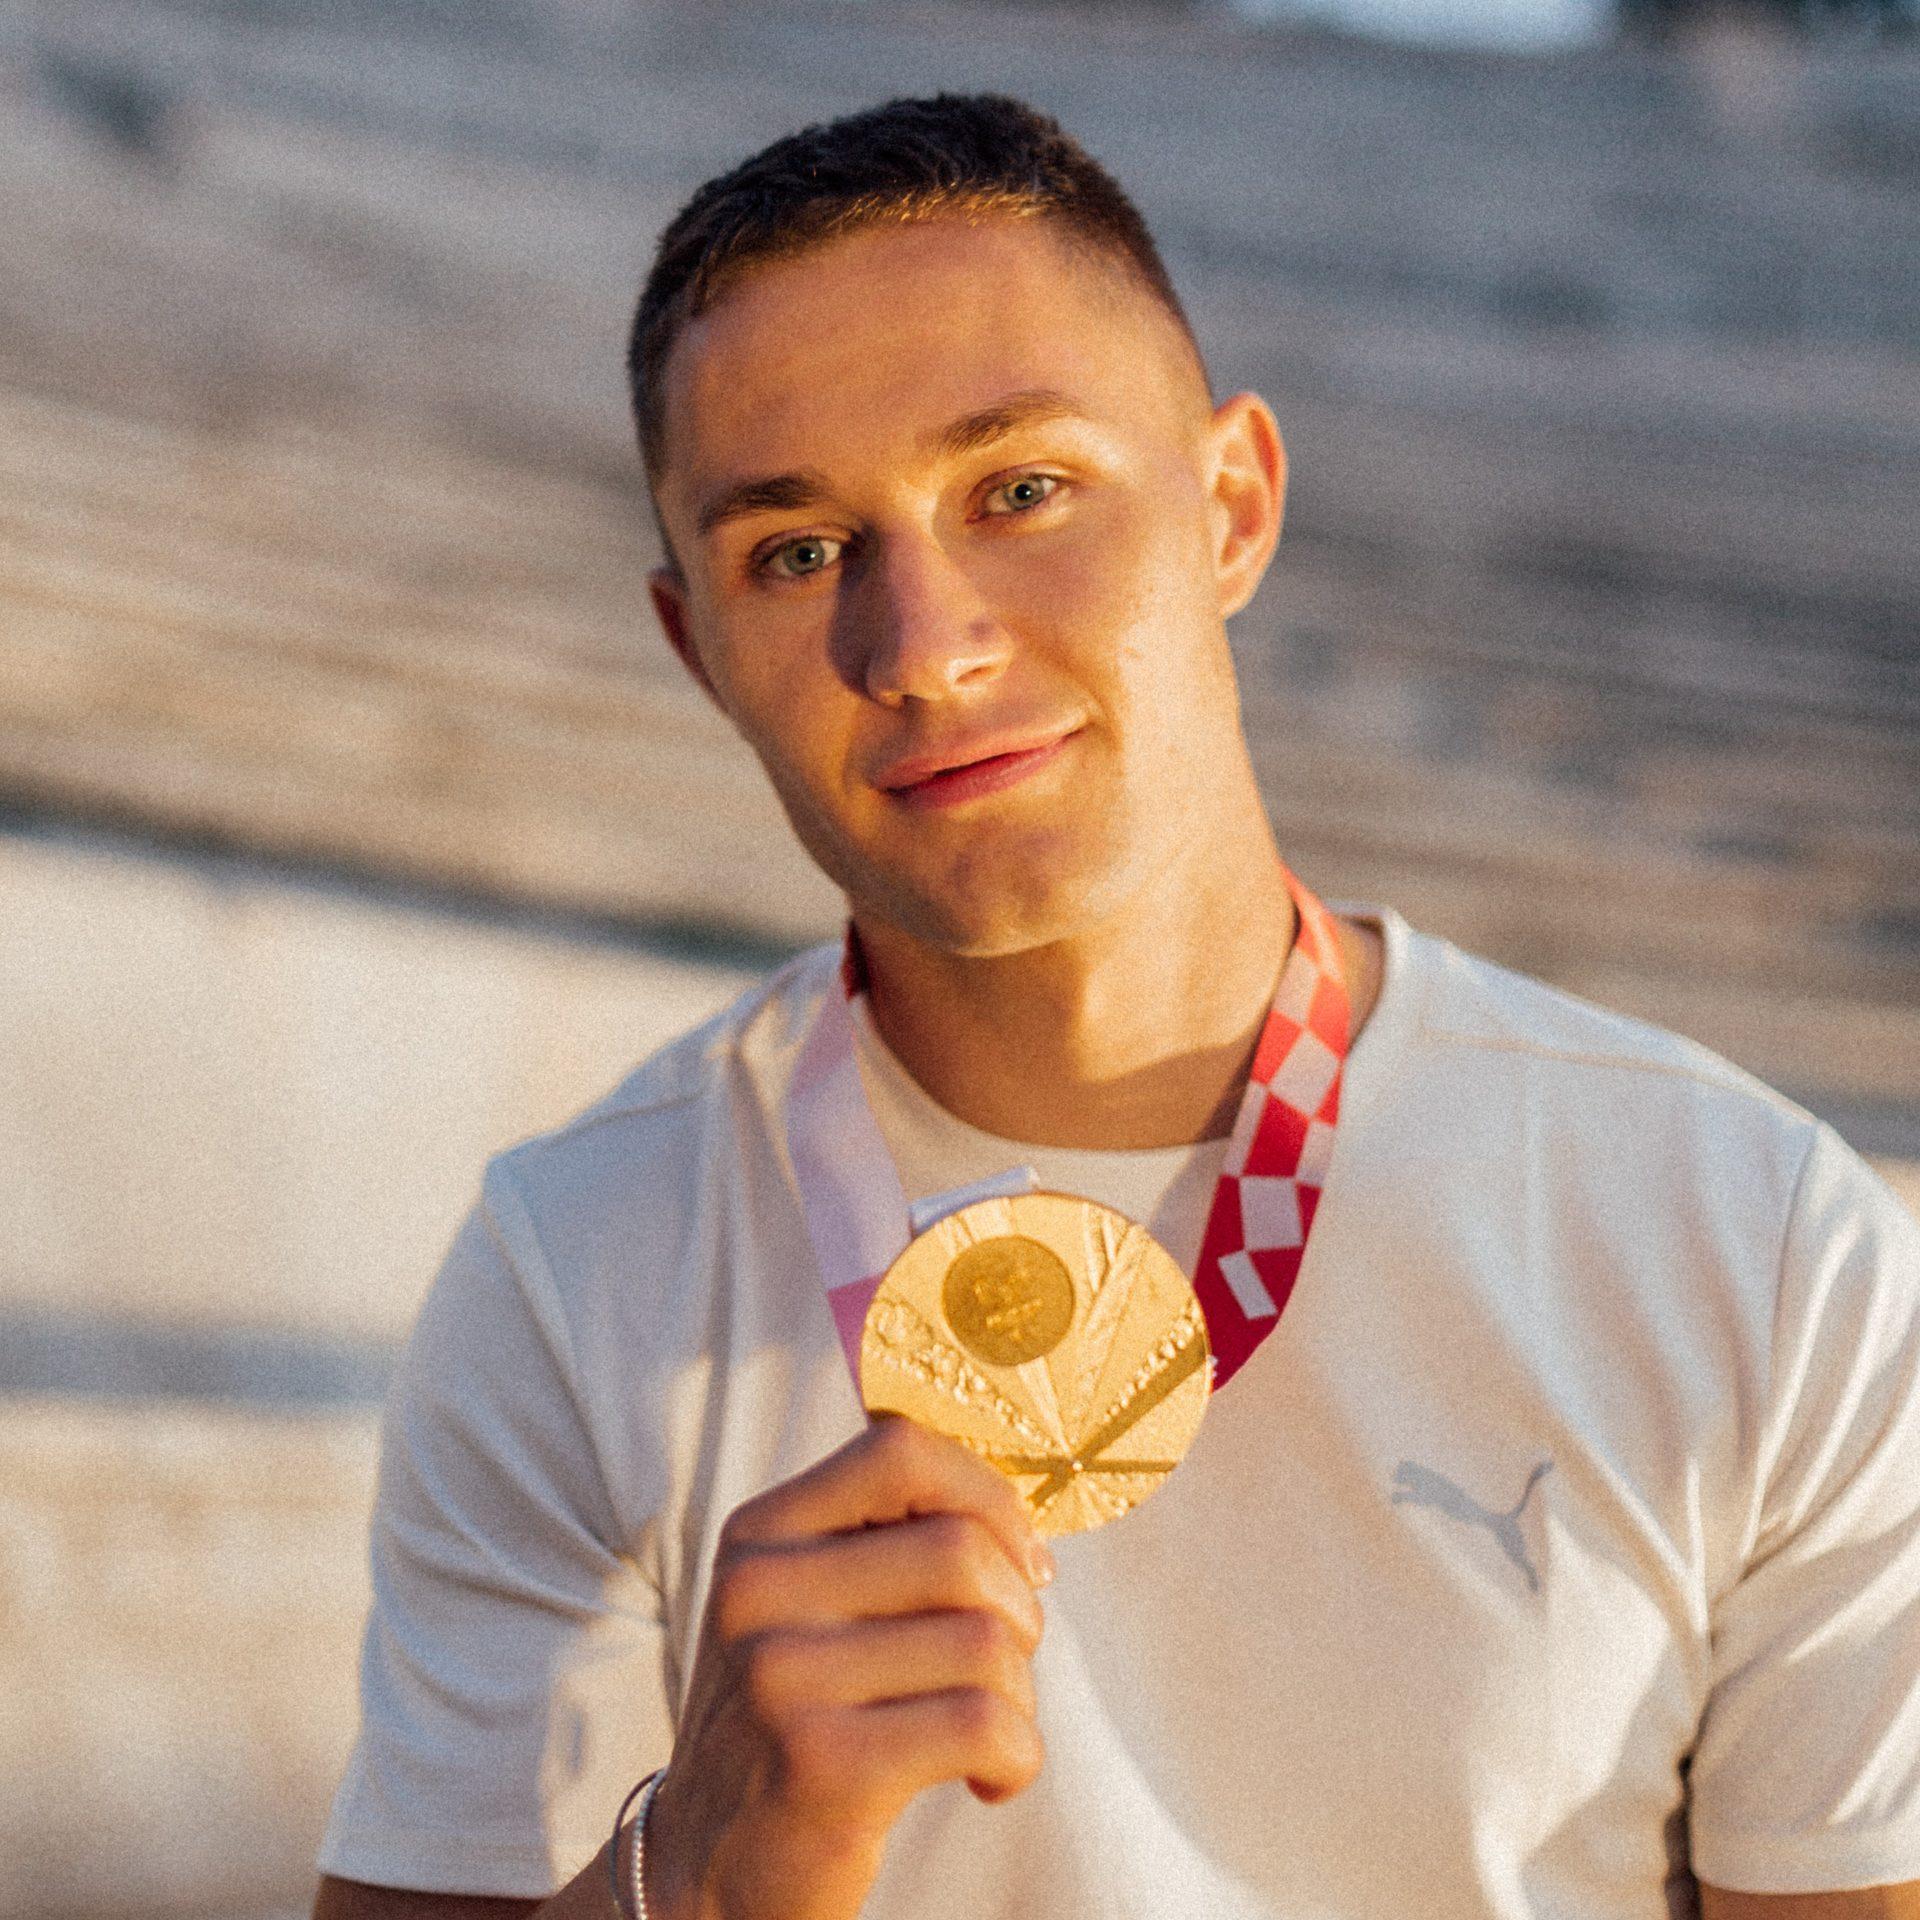 Paralympics Champion Felix Streng zu Gast bei 45'DIVE